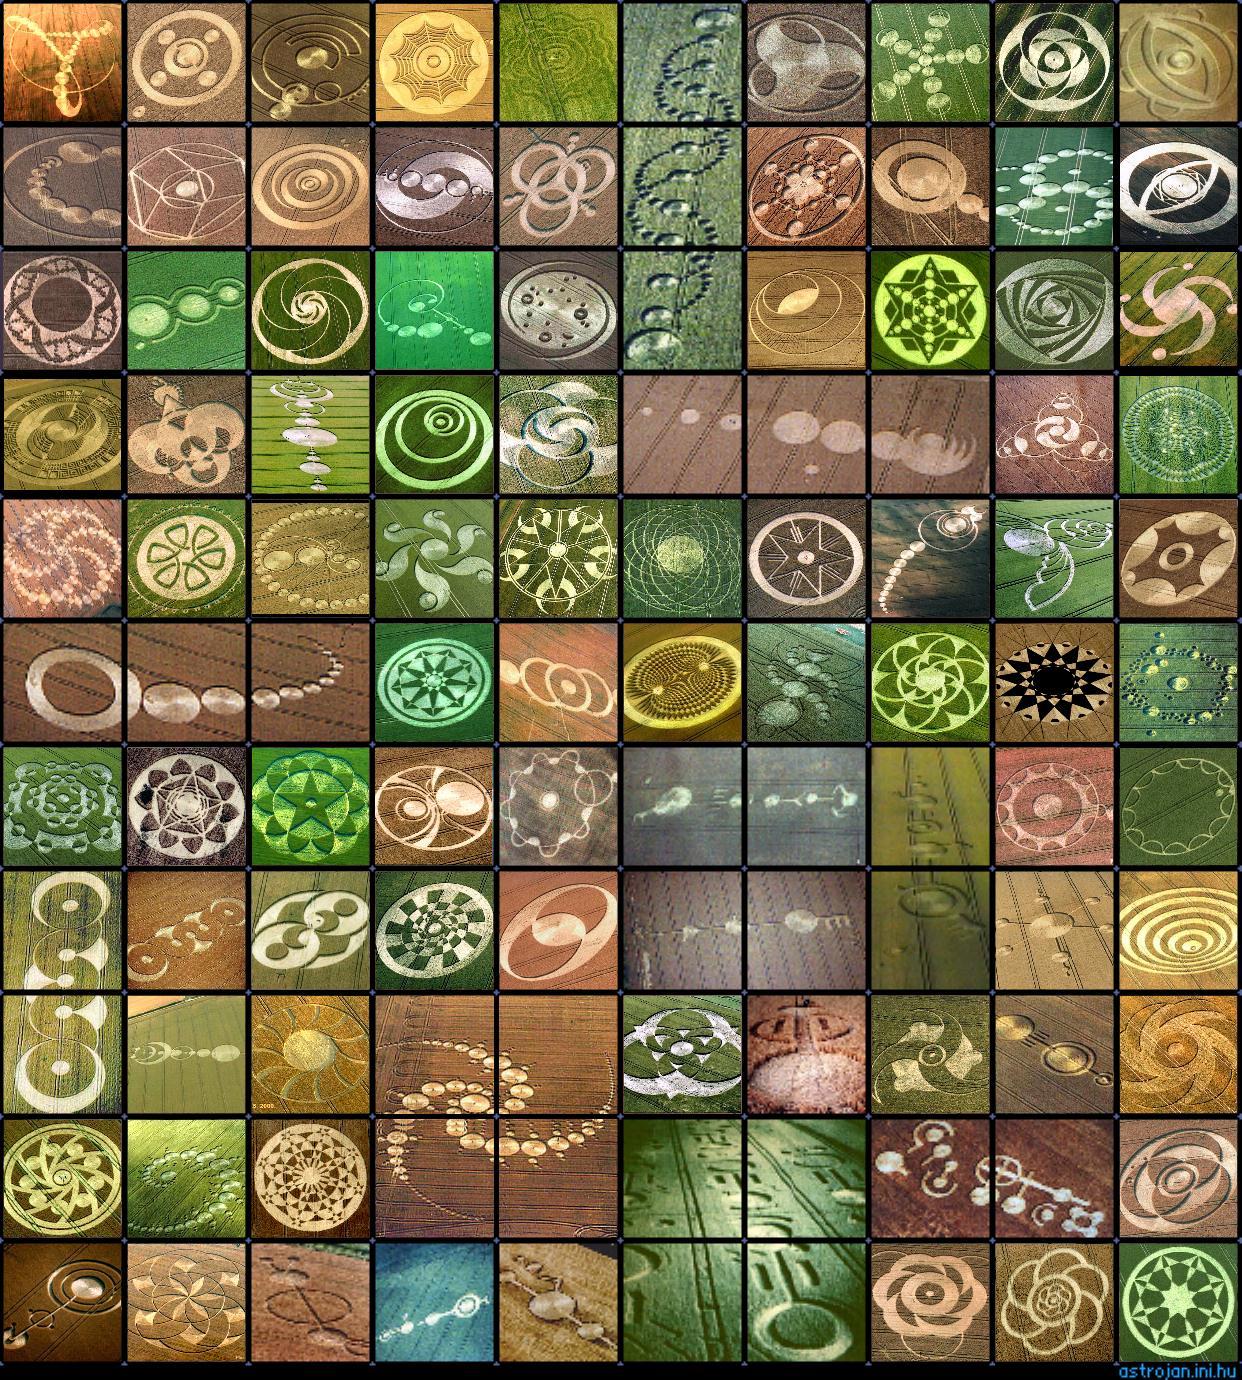 El fenómeno de los círculos en las cosechas también conocidos como Crop Circles, 12